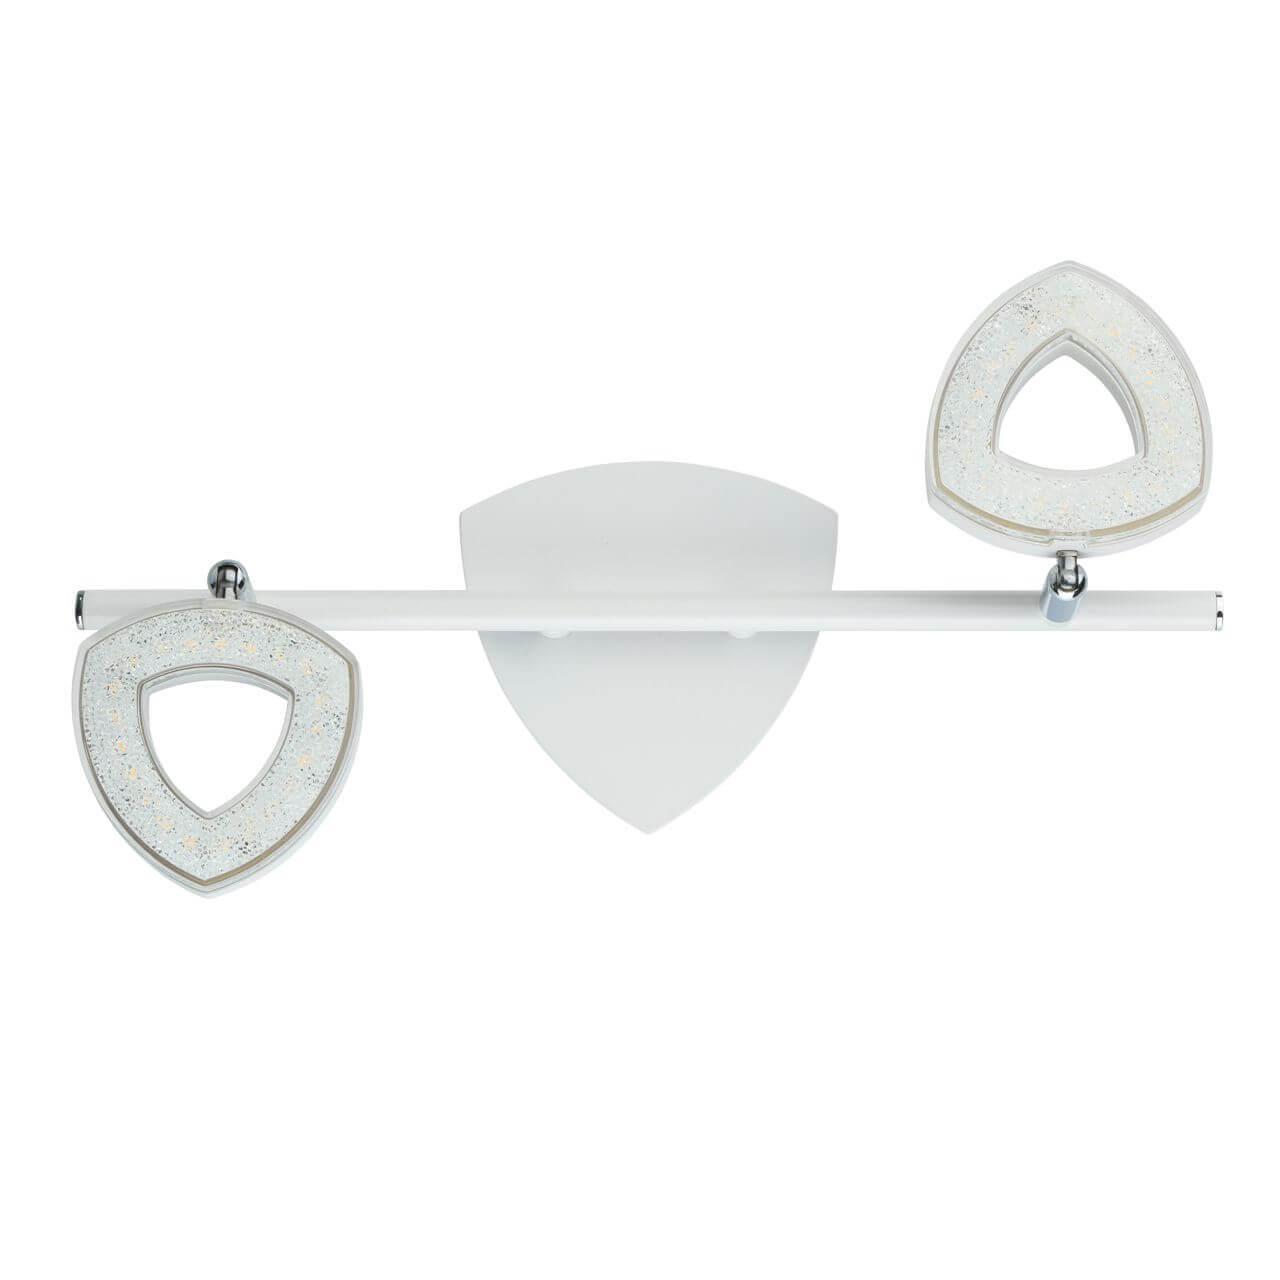 Светодиодный спот De Markt Этингер 9 704024002 tnl запасная лампочка для уф лампы 9 w 365 nm электронная